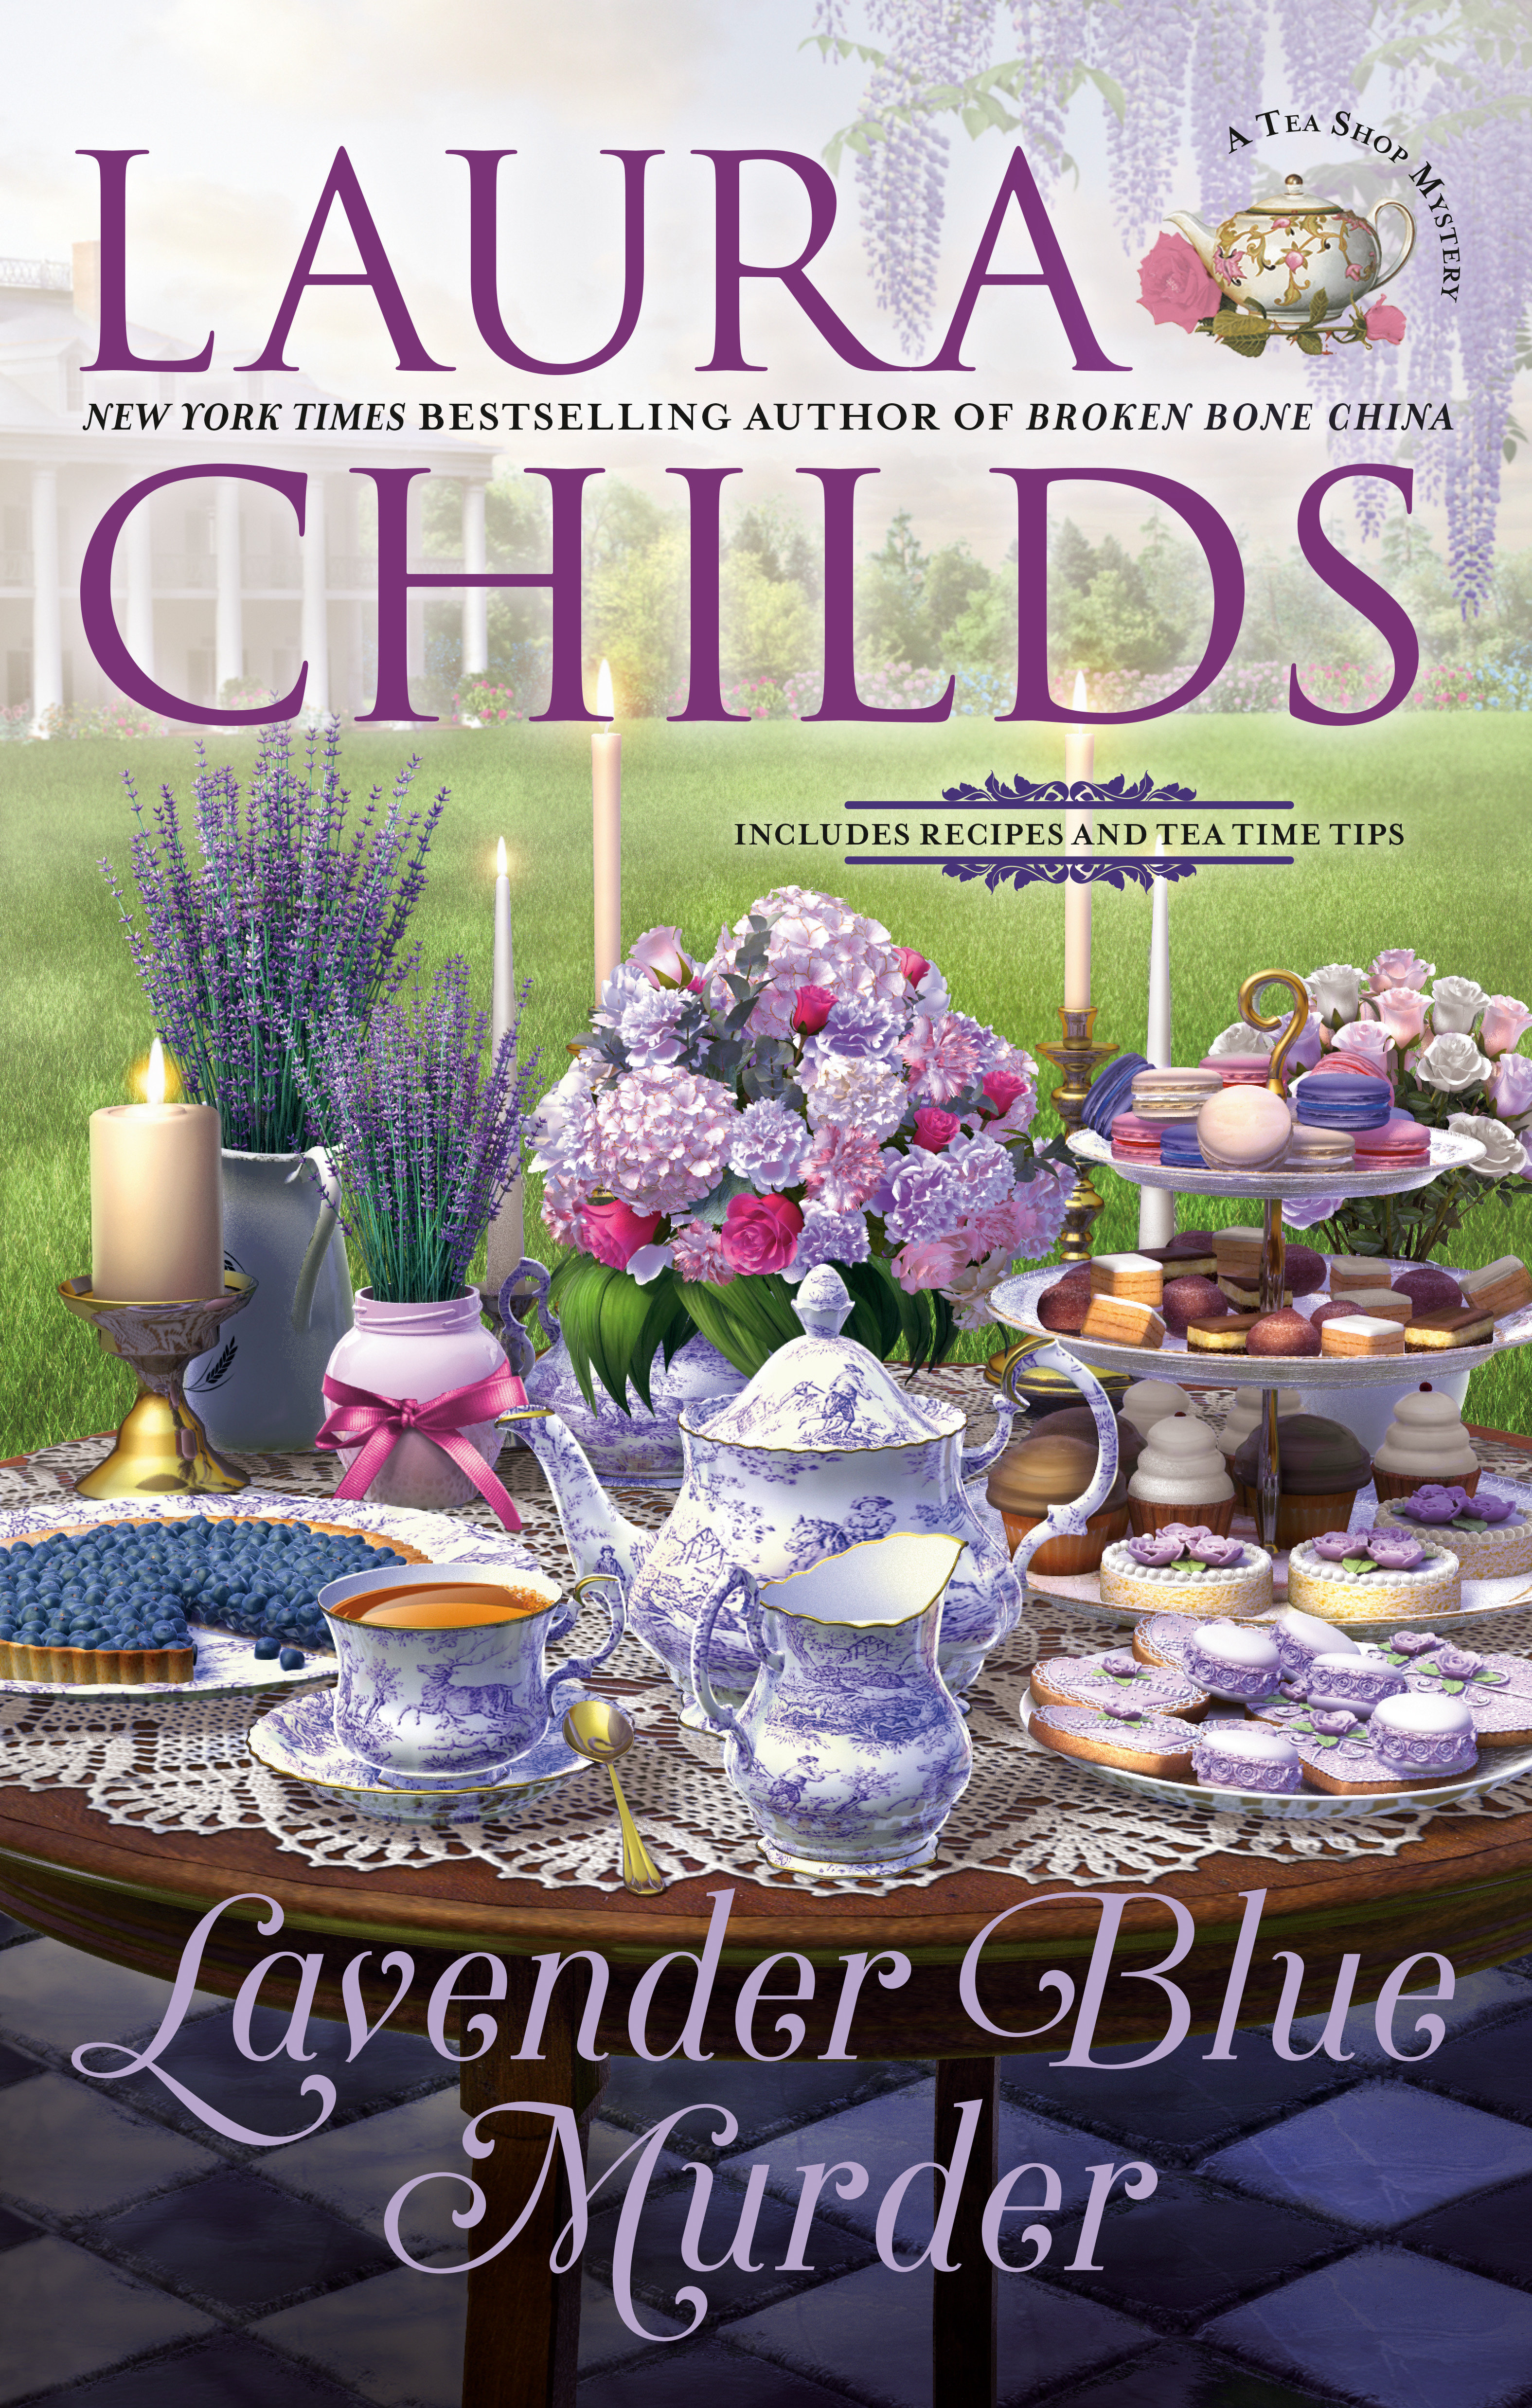 Lavender blue murder cover image